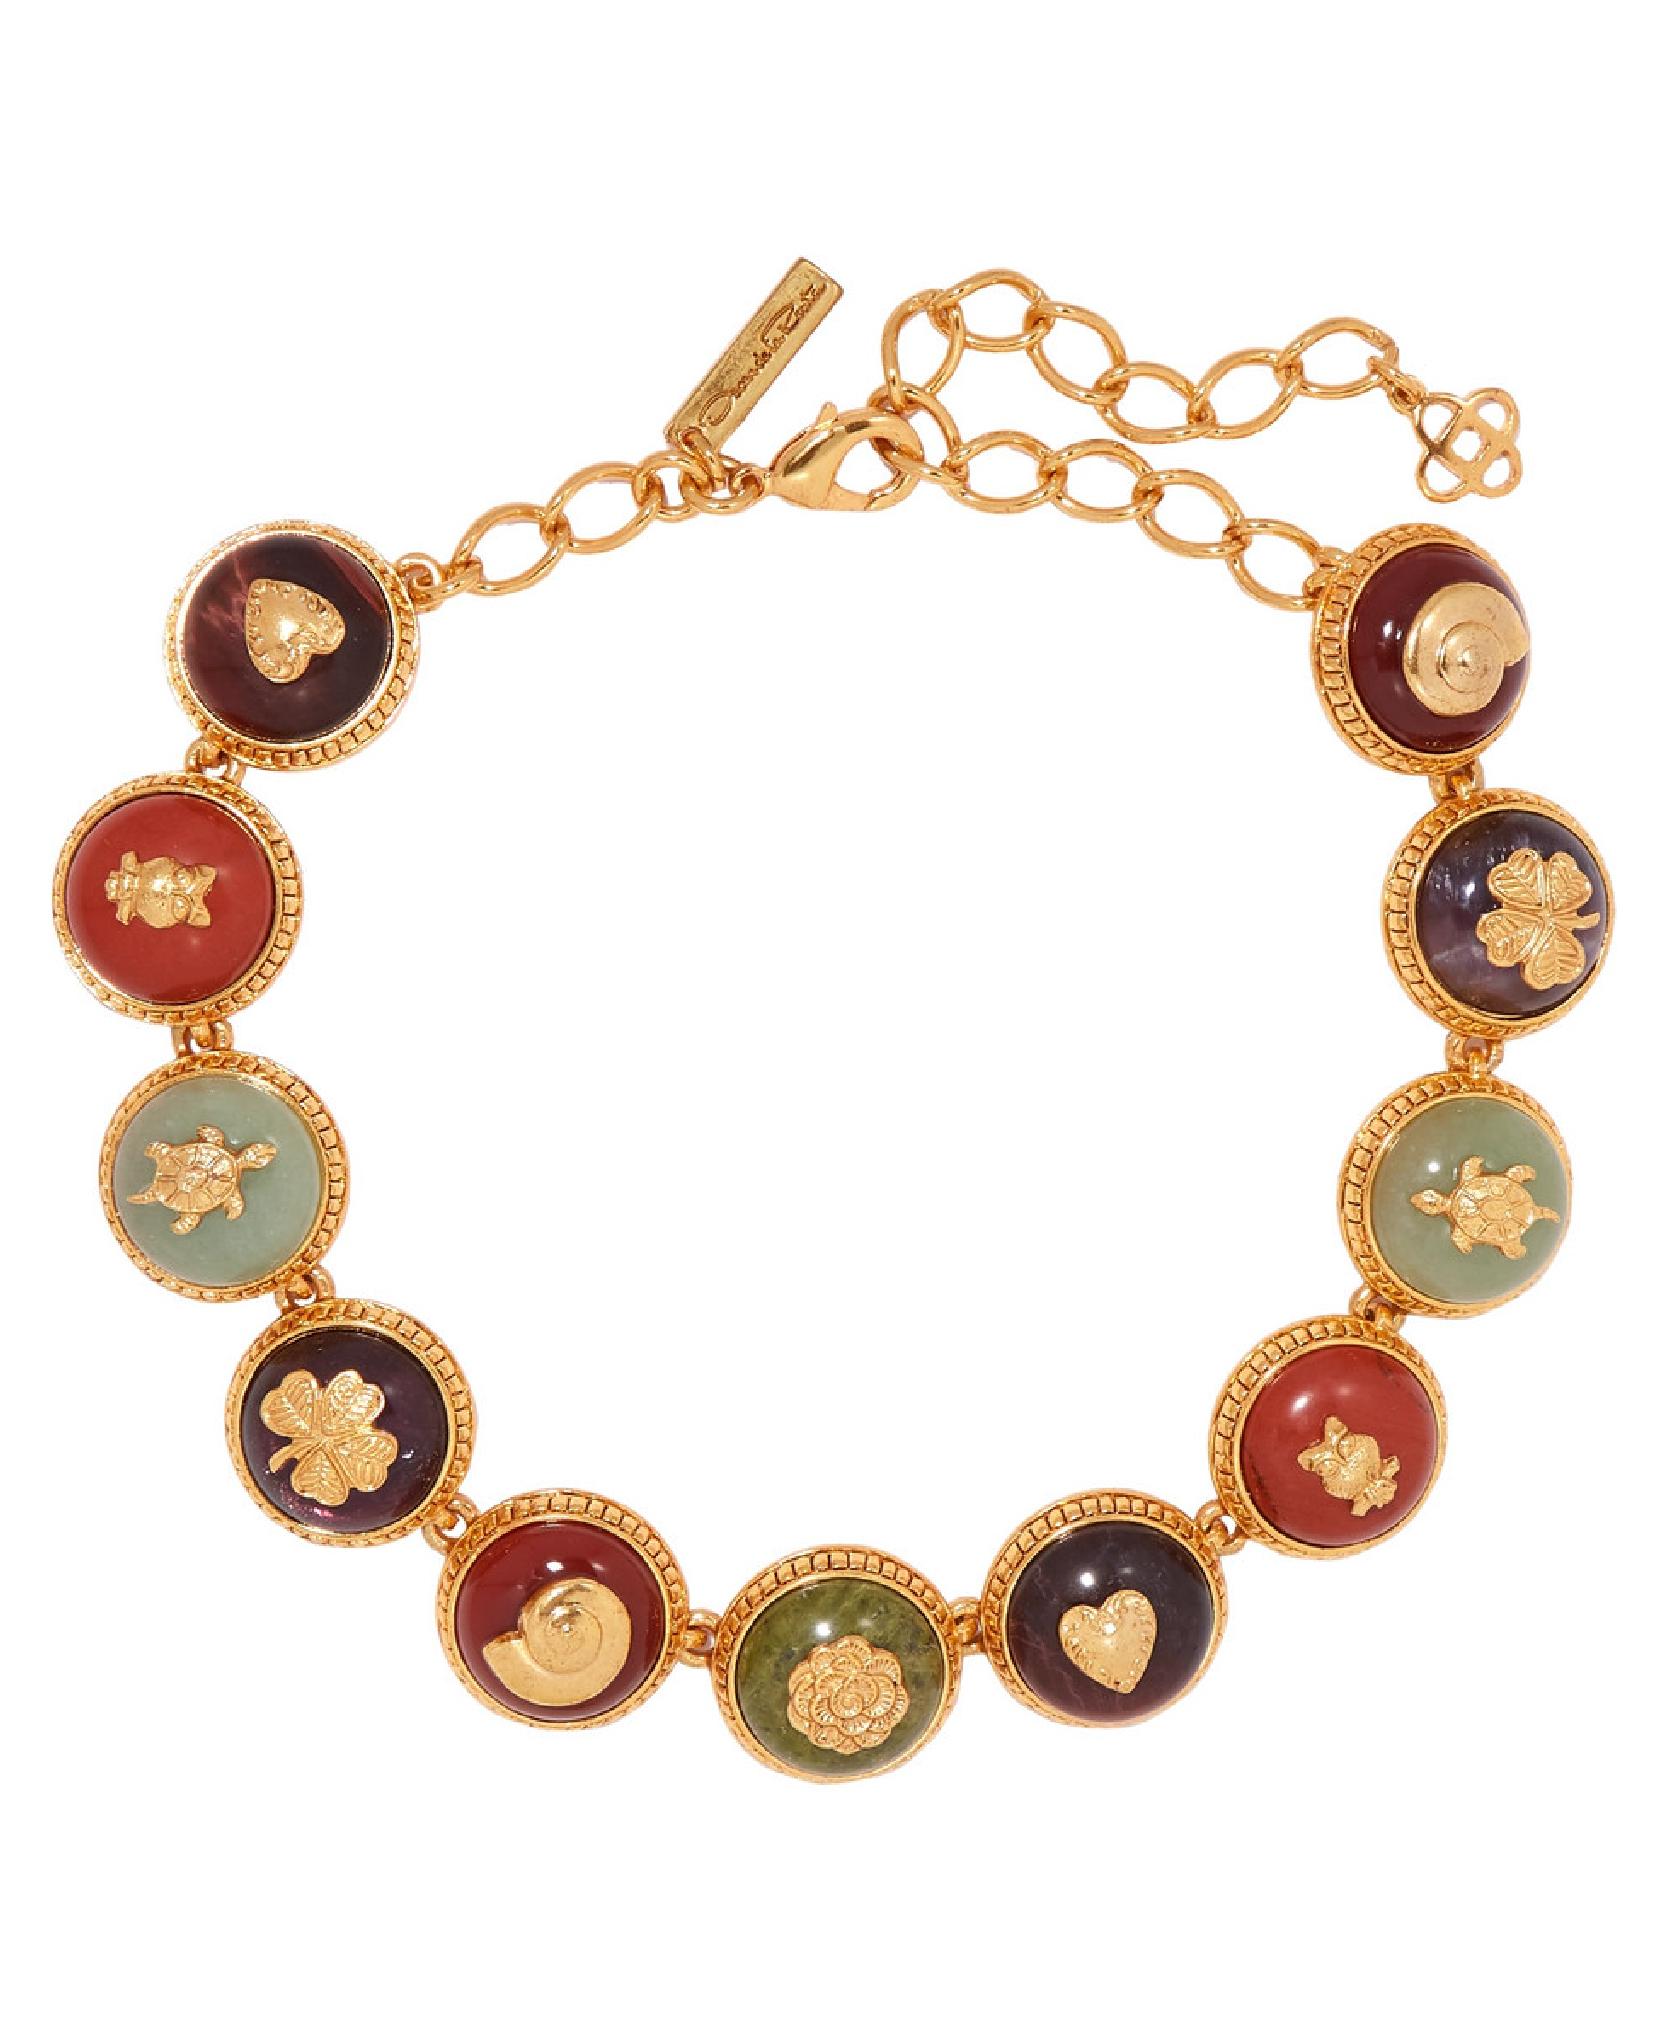 Oscar De La Renta - Gold-Plated And Enamel Necklace